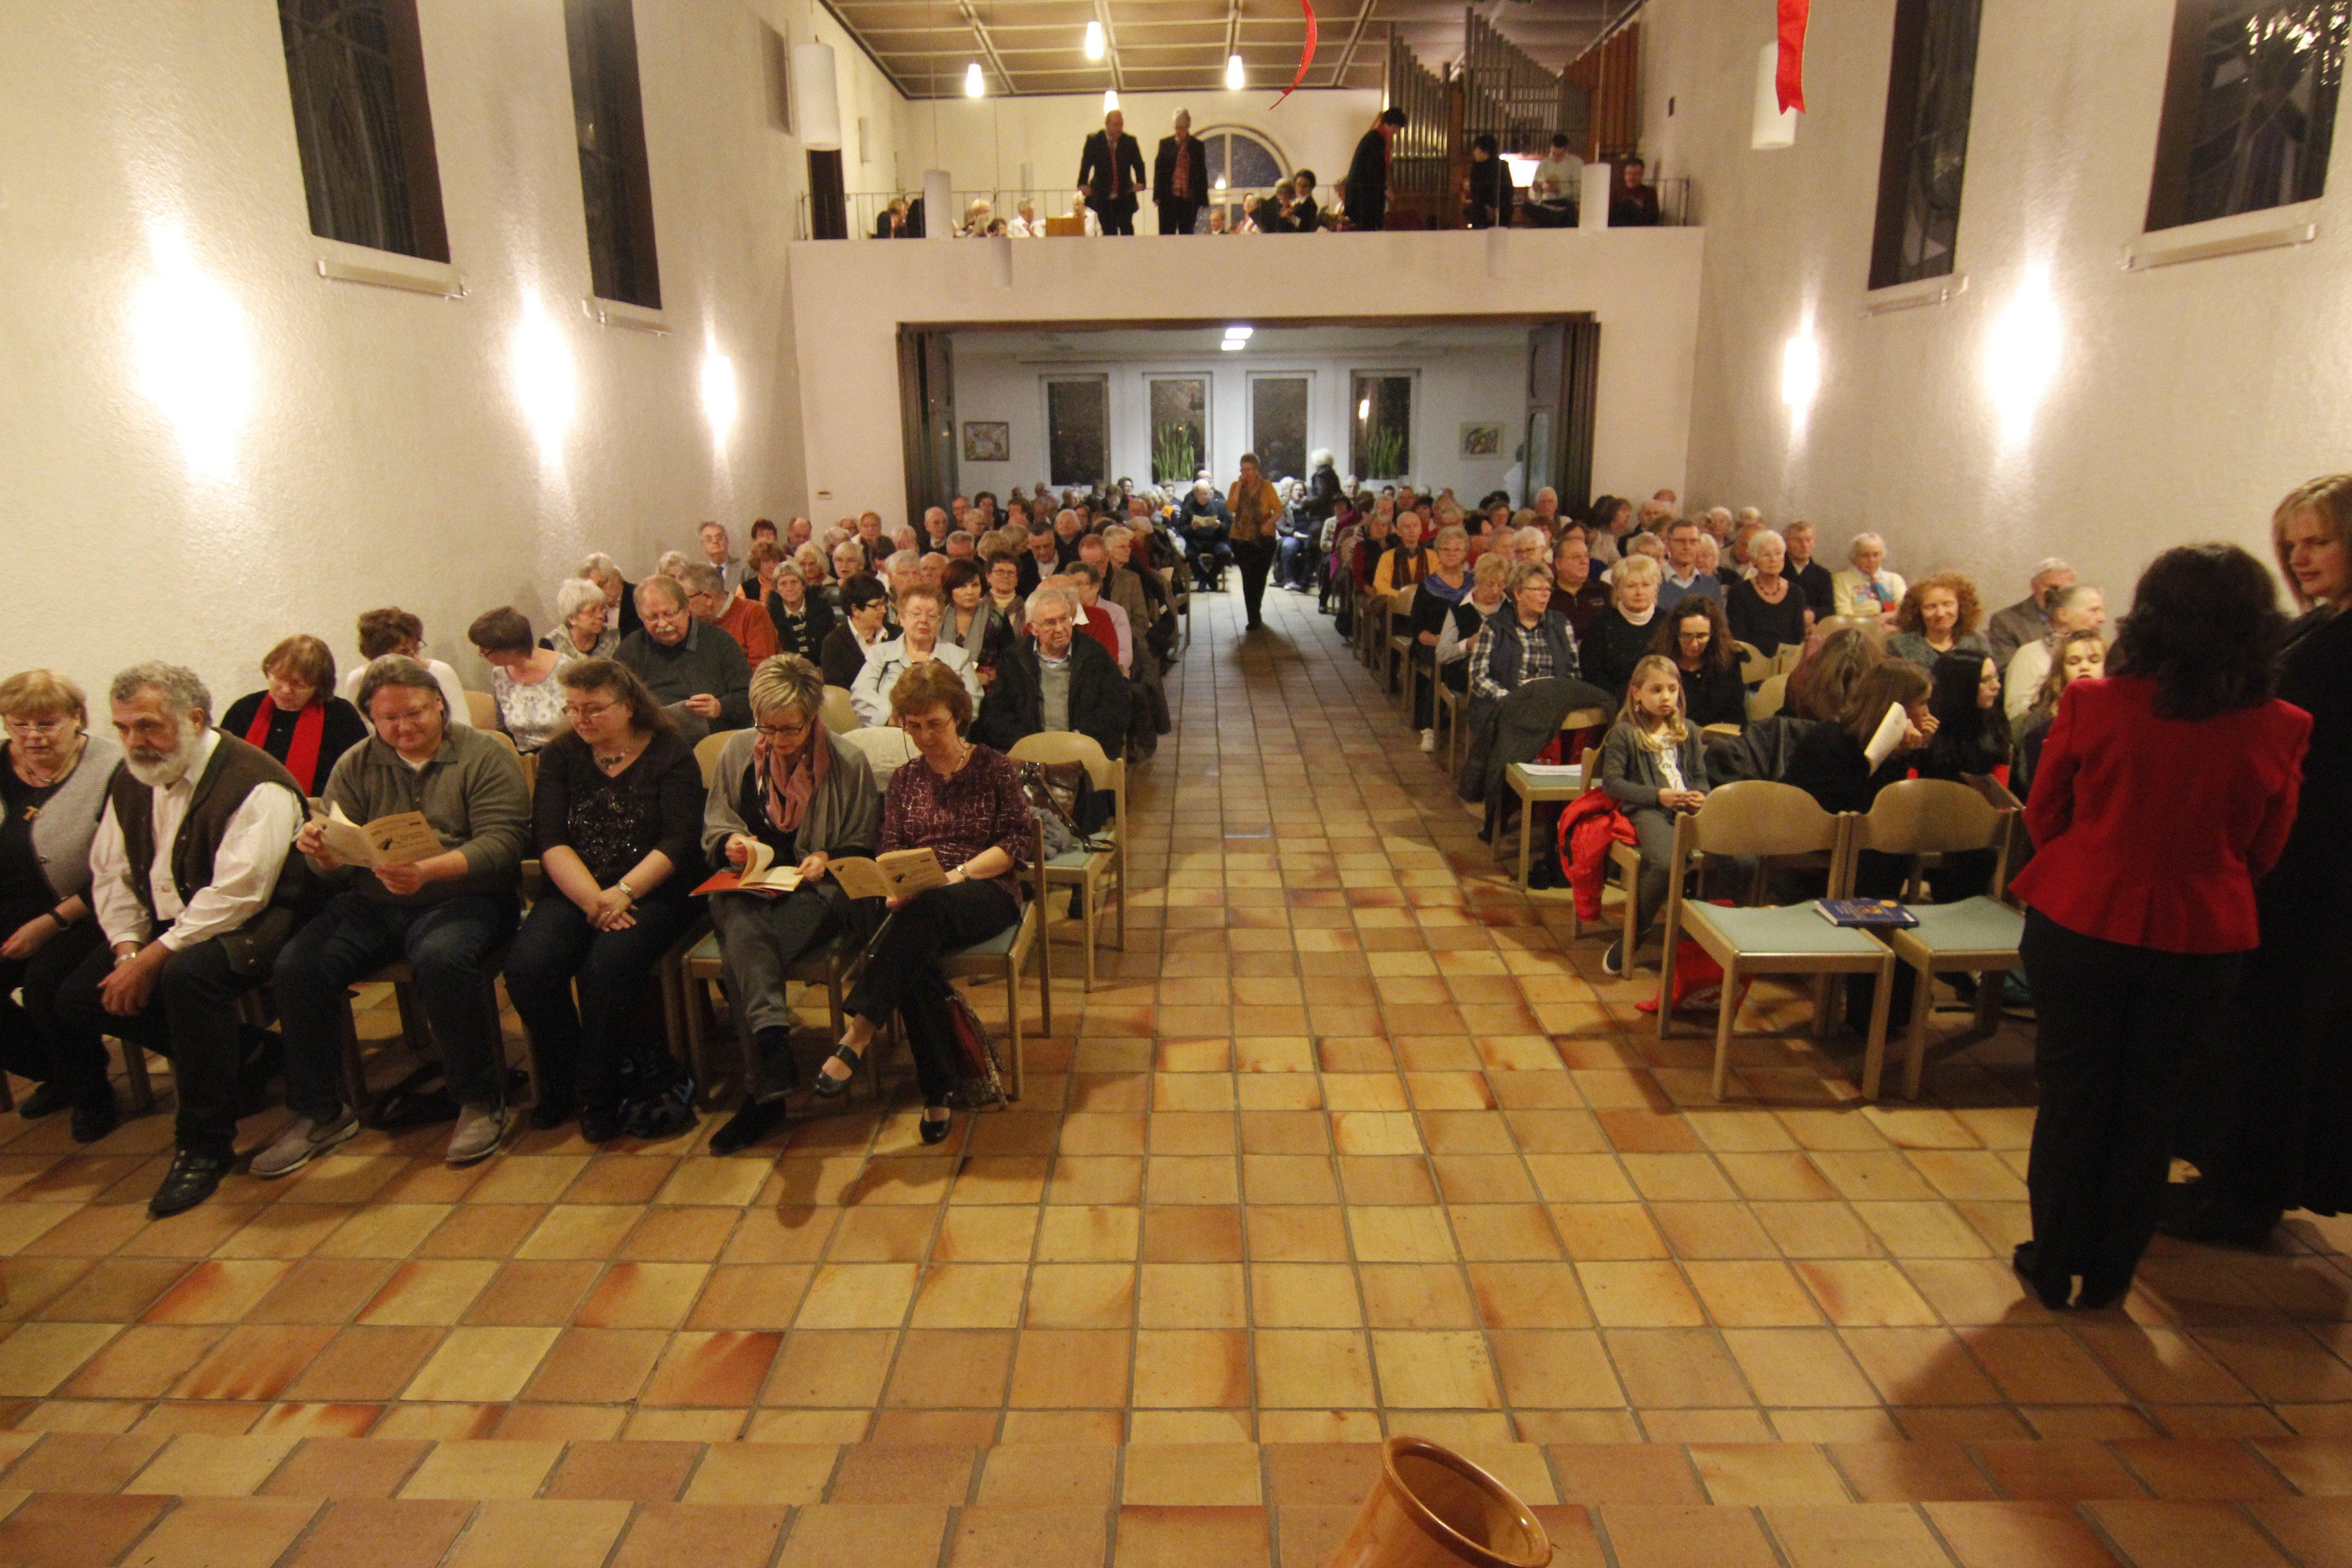 Bestuhlter und besetzter Kirchenraum beim Gottesdienst